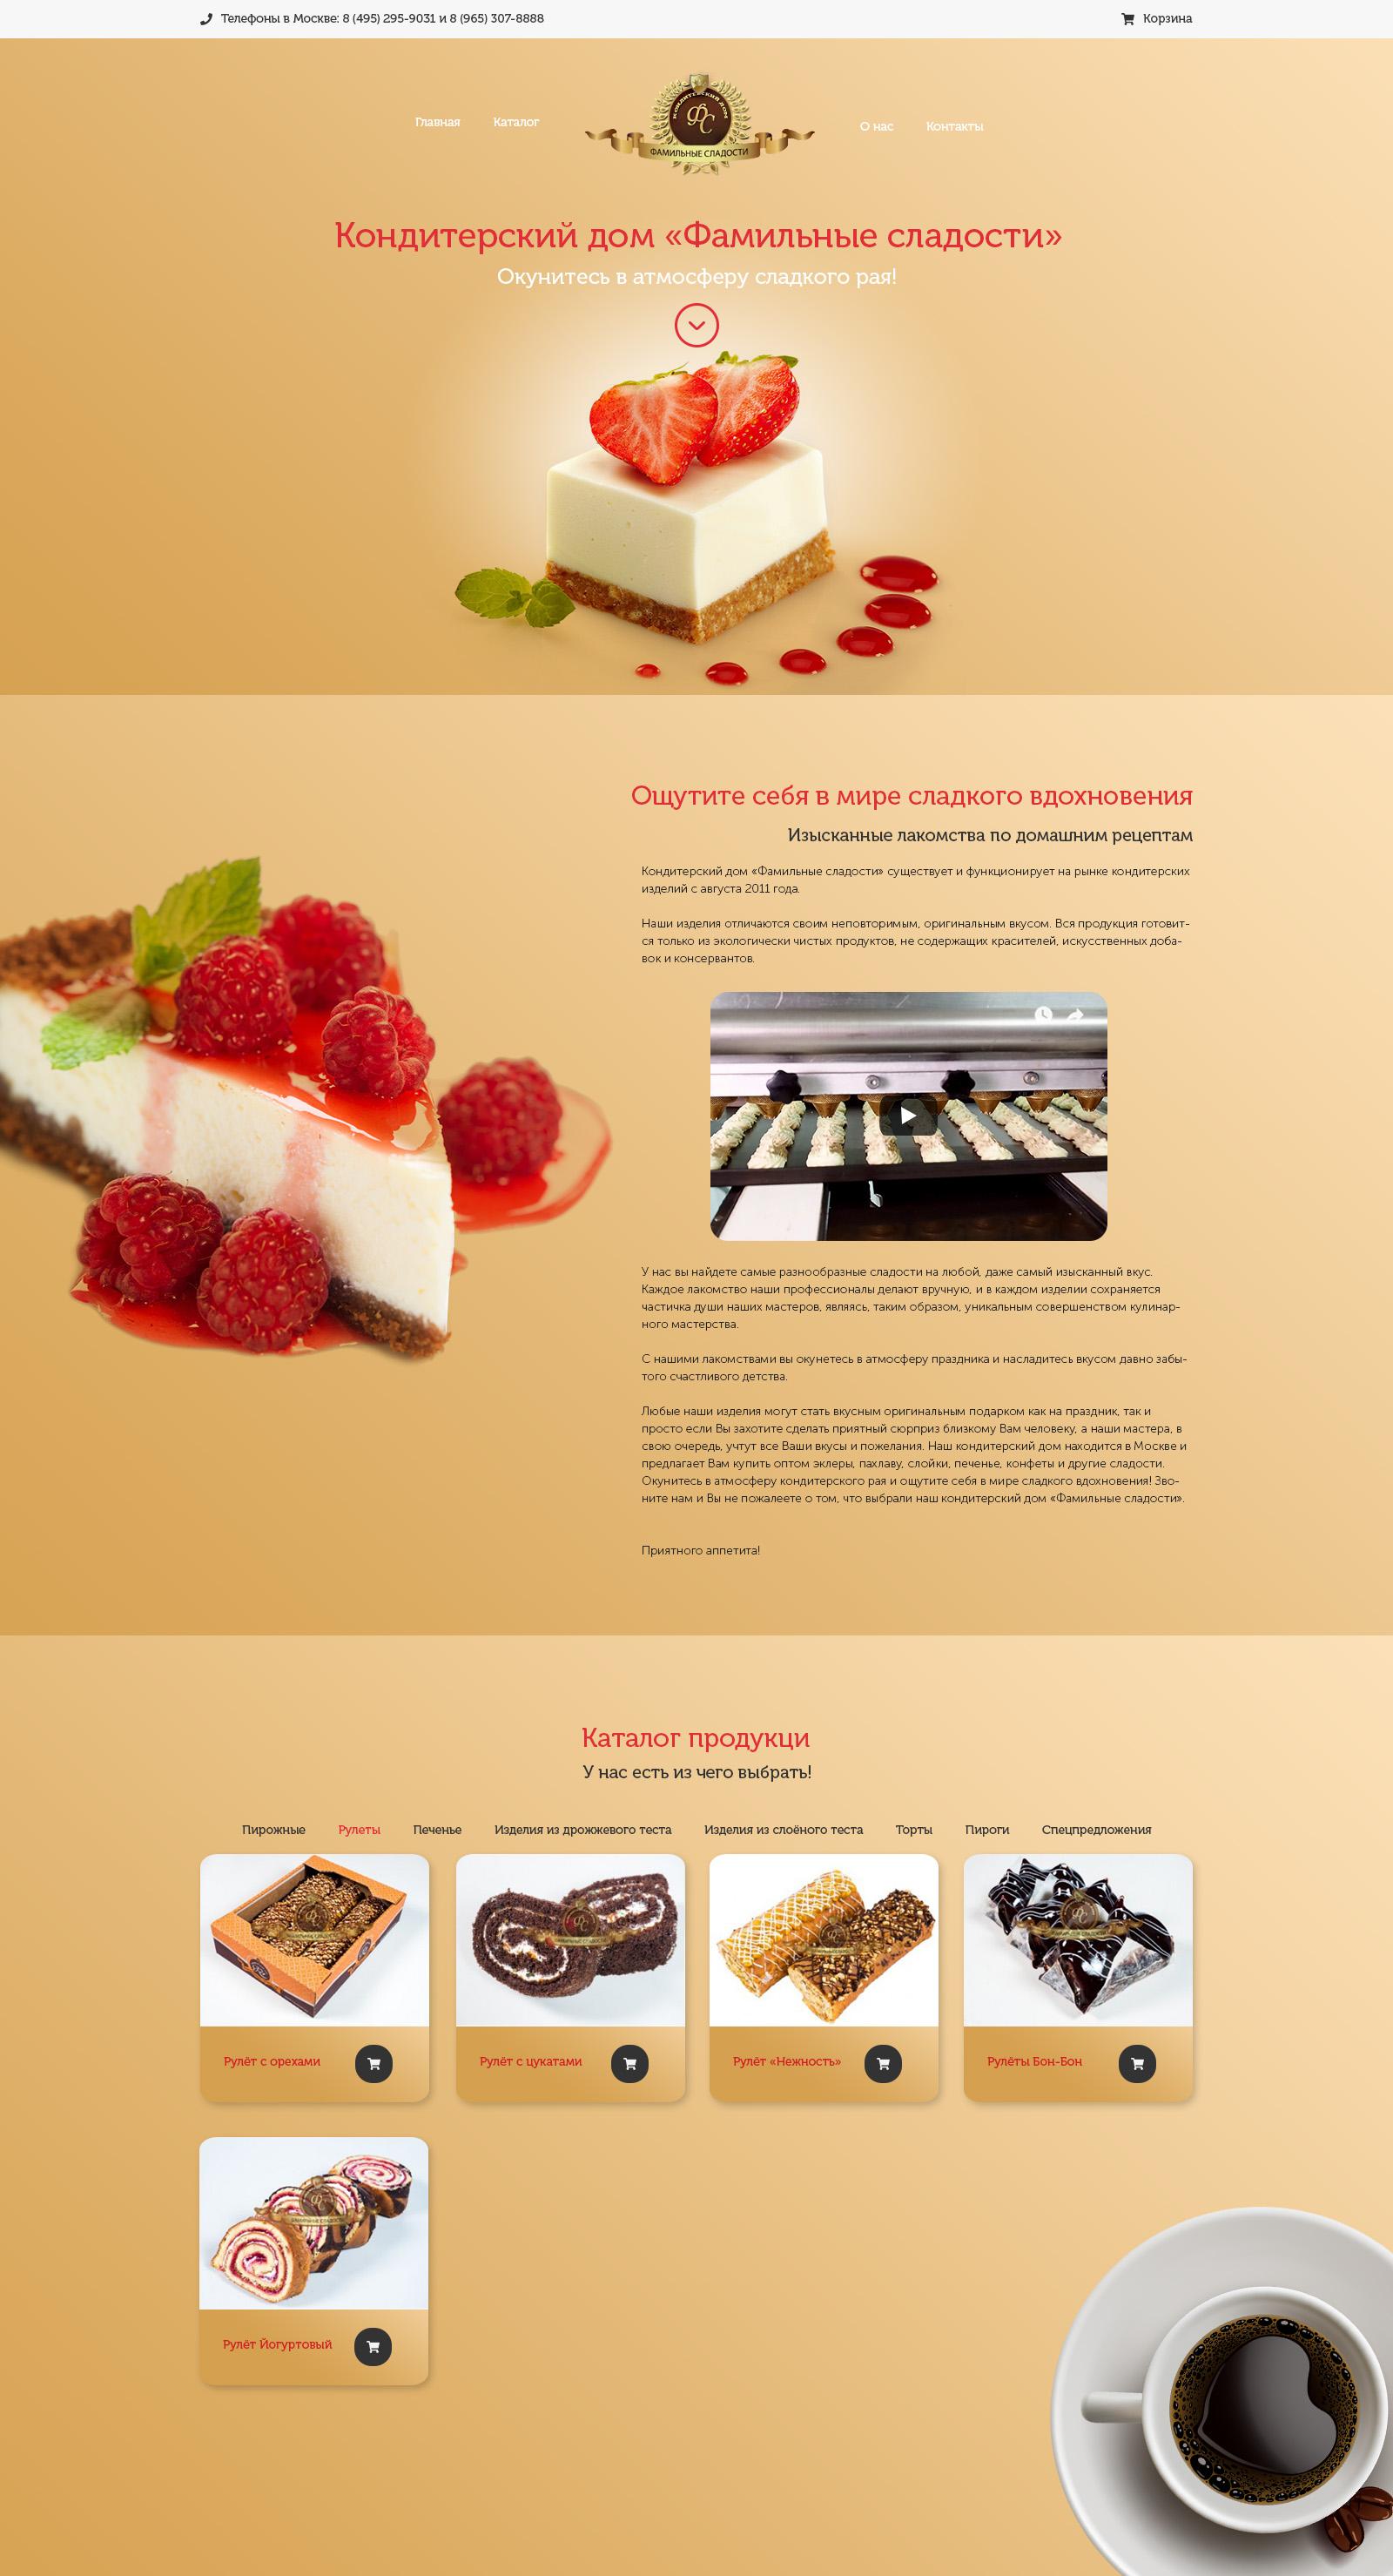 Редизайн главной страницы сайта кондитерского производства фото f_3455a9ffe6813a51.jpg